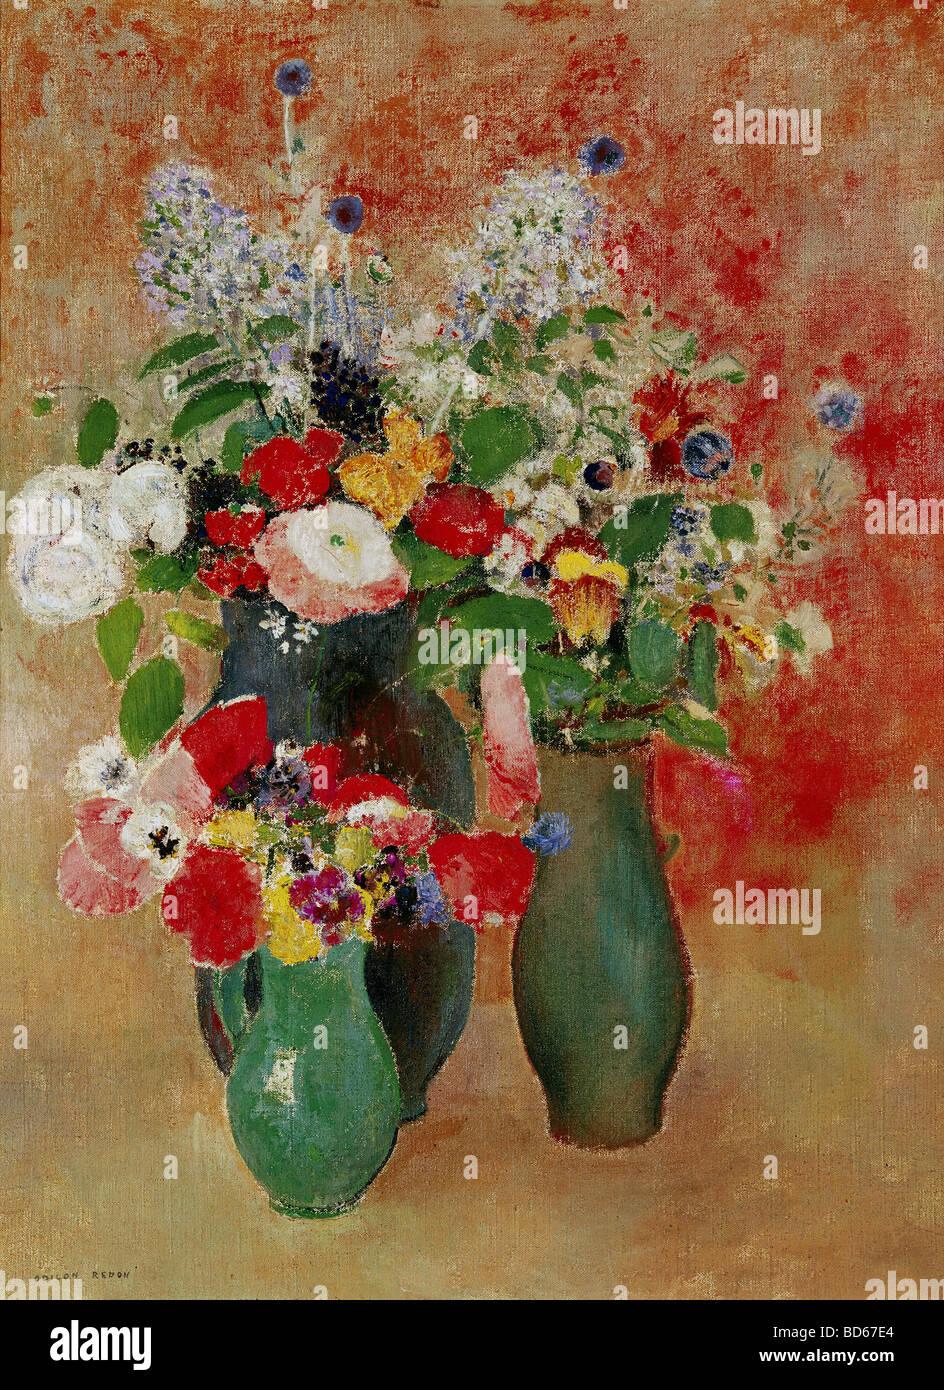 Bellas artes, Redon, Odilon, (22.4.1840 - 6.7.1916), pintura, 'flores bodegón', Von der Heydt-Museum Imagen De Stock